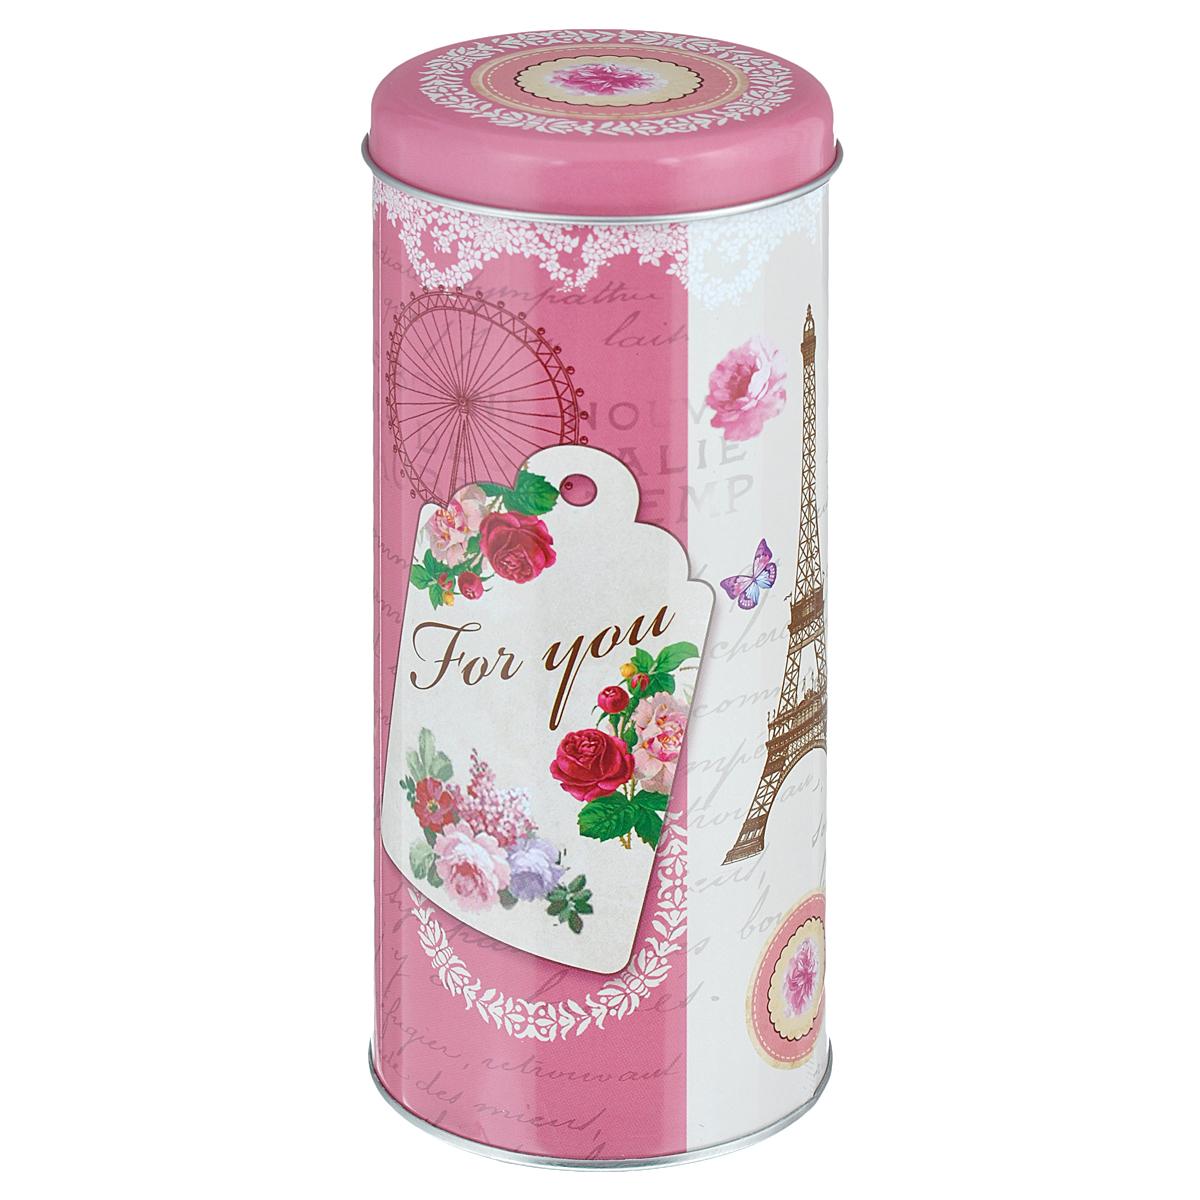 Банка для сыпучих продуктов Феникс-презент Любовное послание, 800 млVT-1520(SR)Банка для сыпучих продуктов Феникс-презент Любовное послание, изготовленная из окрашенного черного металла, оформлена ярким рисунком. Банка прекрасно подойдет для хранения различных сыпучих продуктов: специй, чая, кофе, сахара, круп и многого другого. Емкость плотно закрывается крышкой. Благодаря этому она будет дольше сохранять свежесть ваших продуктов.Функциональная и вместительная, такая банка станет незаменимым аксессуаром на любой кухне. Нельзя мыть в посудомоечной машине.Объем банки: 800 мл.Высота банки (без учета крышки): 17,5 см. Диаметр банки (по верхнему краю): 7,5 см.